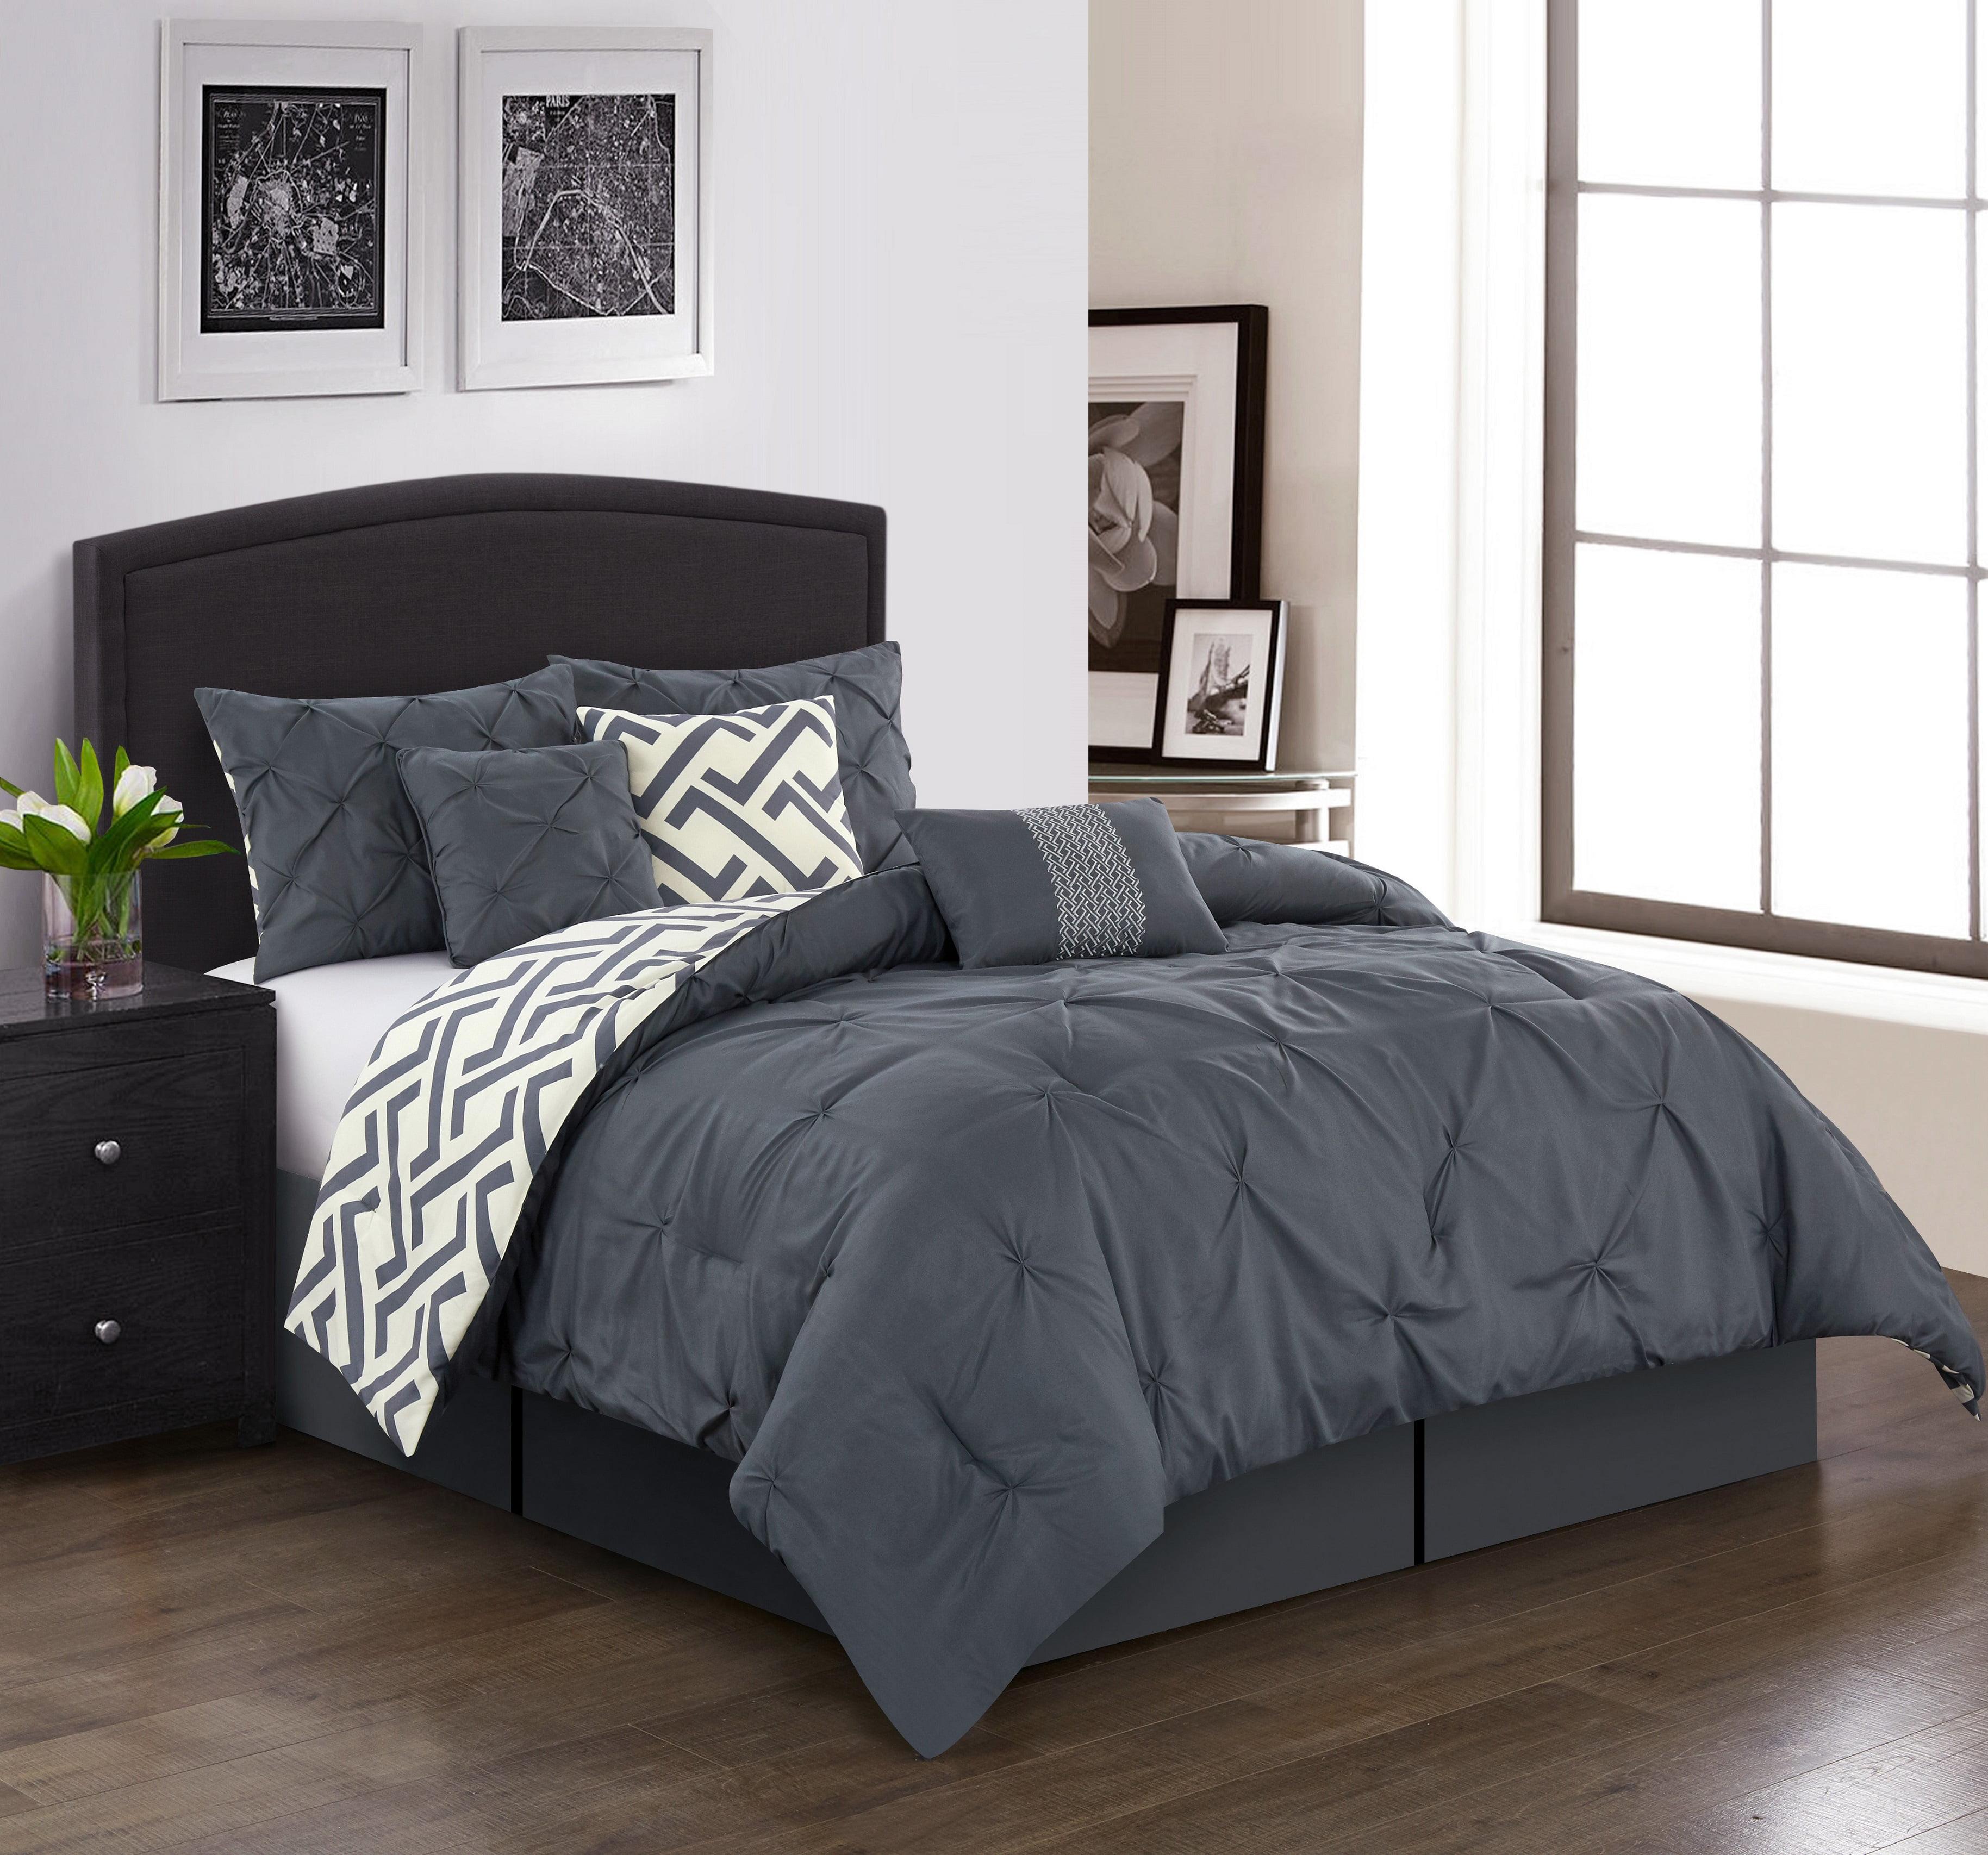 Lanco Liam 7 Piece Reversible Comforter Set Grey Queen Walmart Com Walmart Com